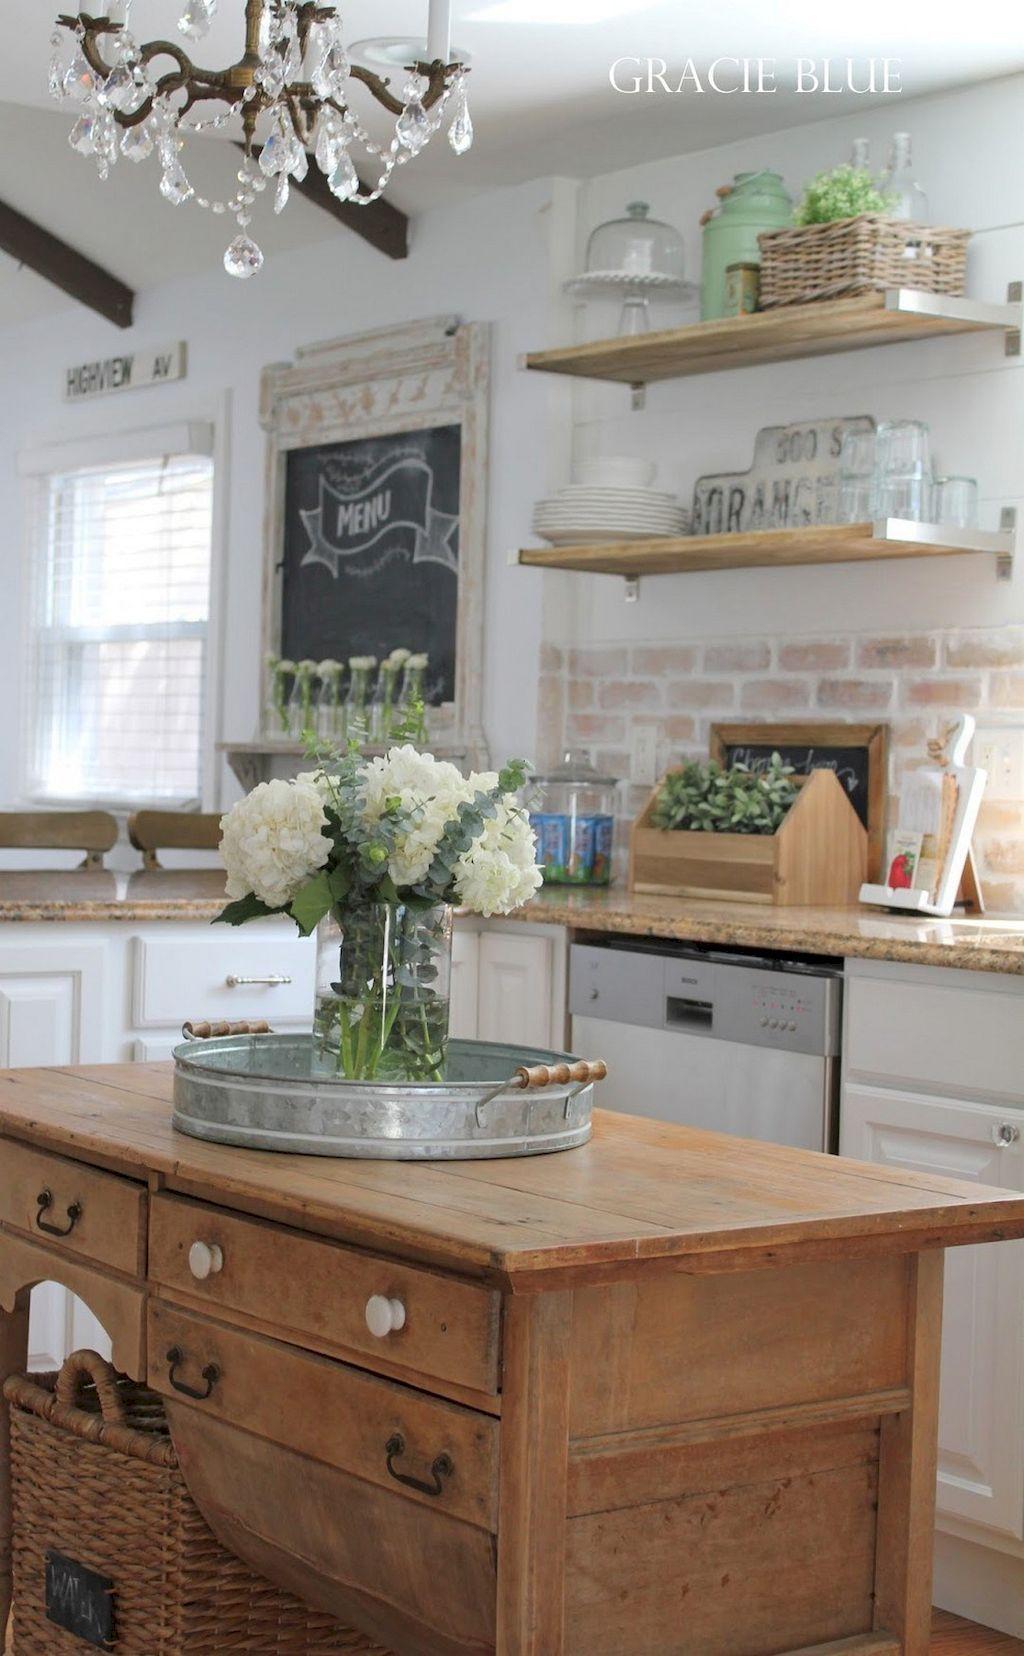 Awesome farmhouse kitchen decor ideas 2 Awesome